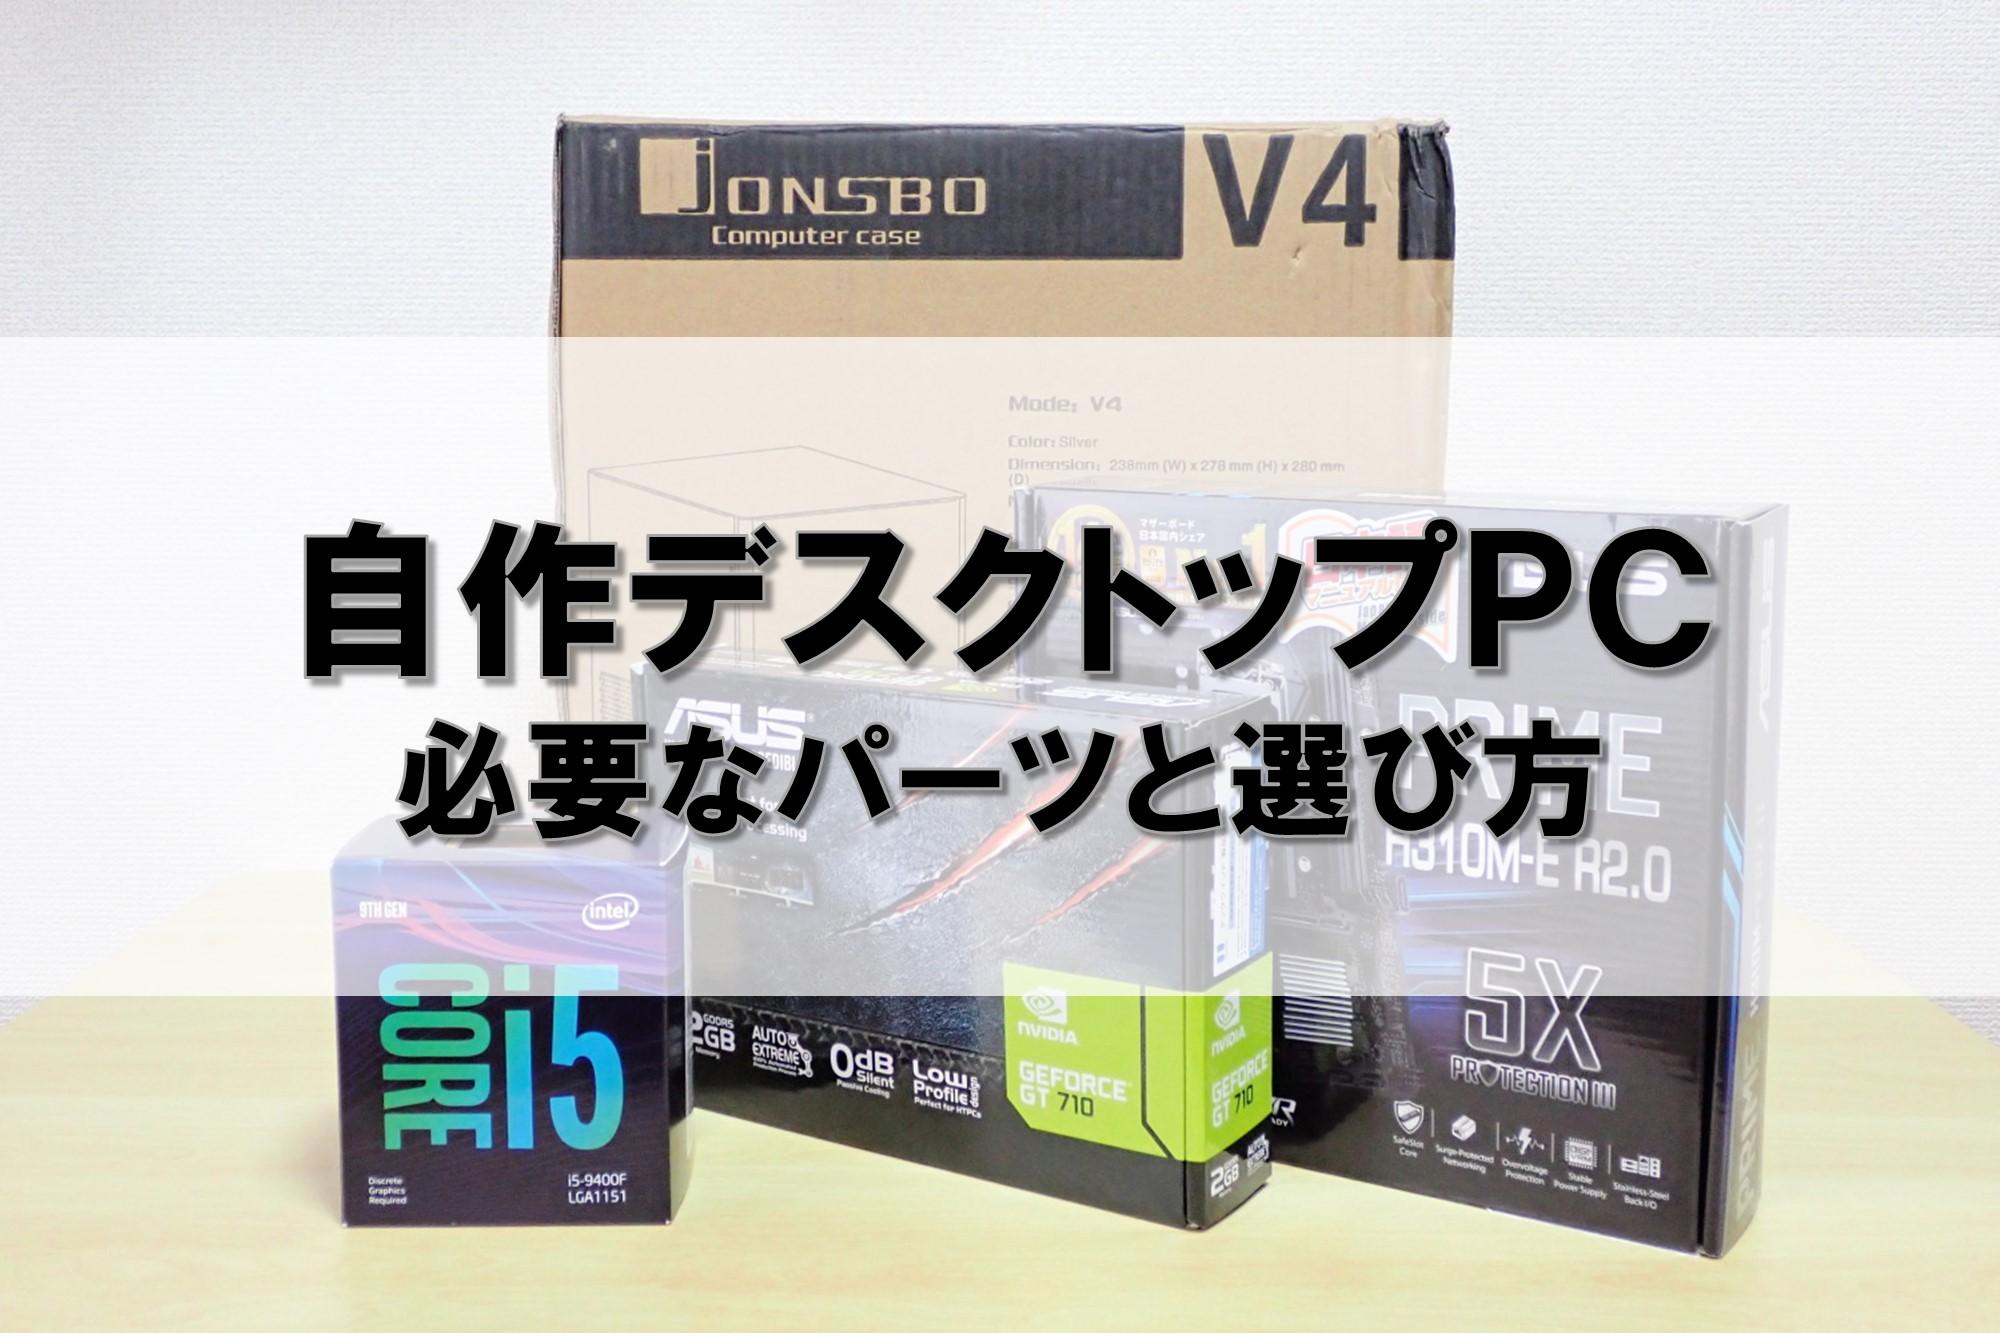 コンパクト・コスパ重視の自作デスクトップPC 購入パーツまとめ